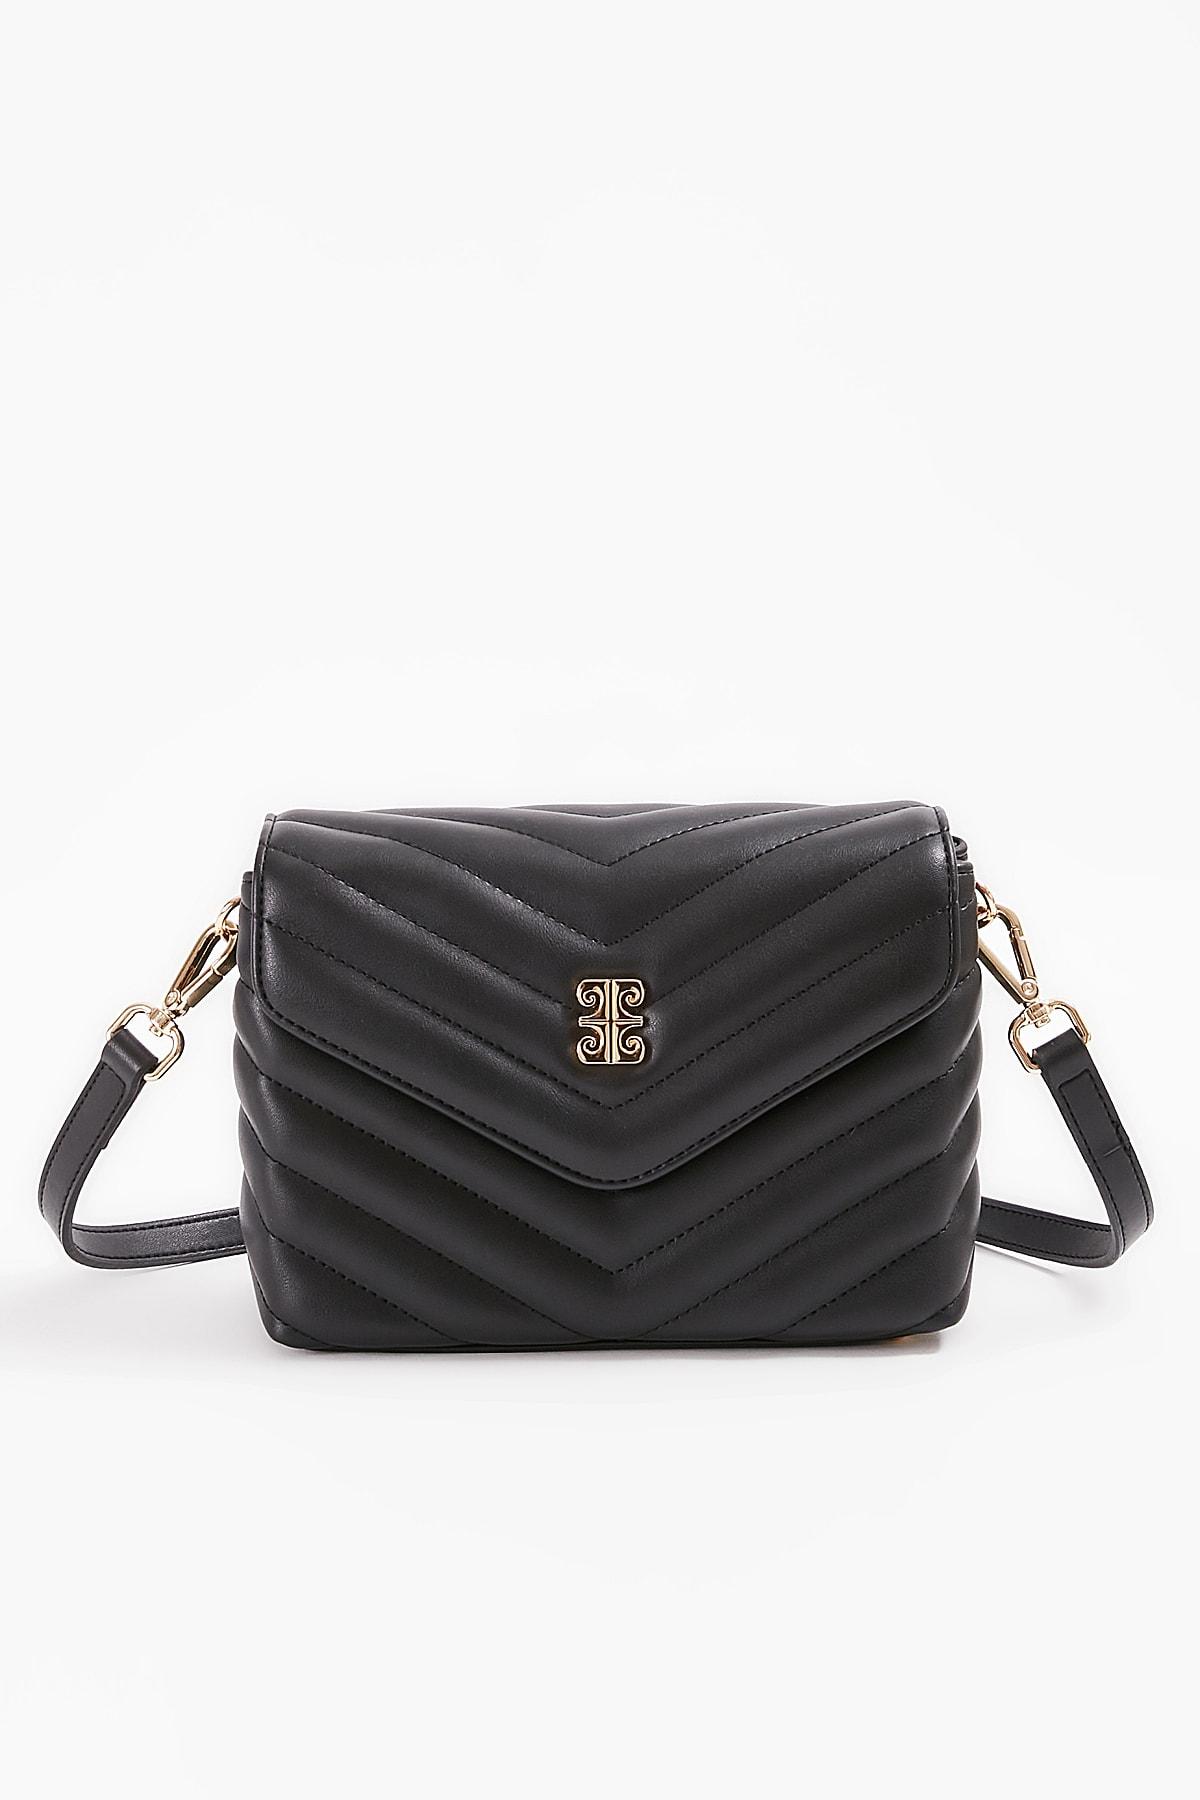 فروش انلاین رودوشی زنانه برند پیرکاردن رنگ مشکی کد ty90583137